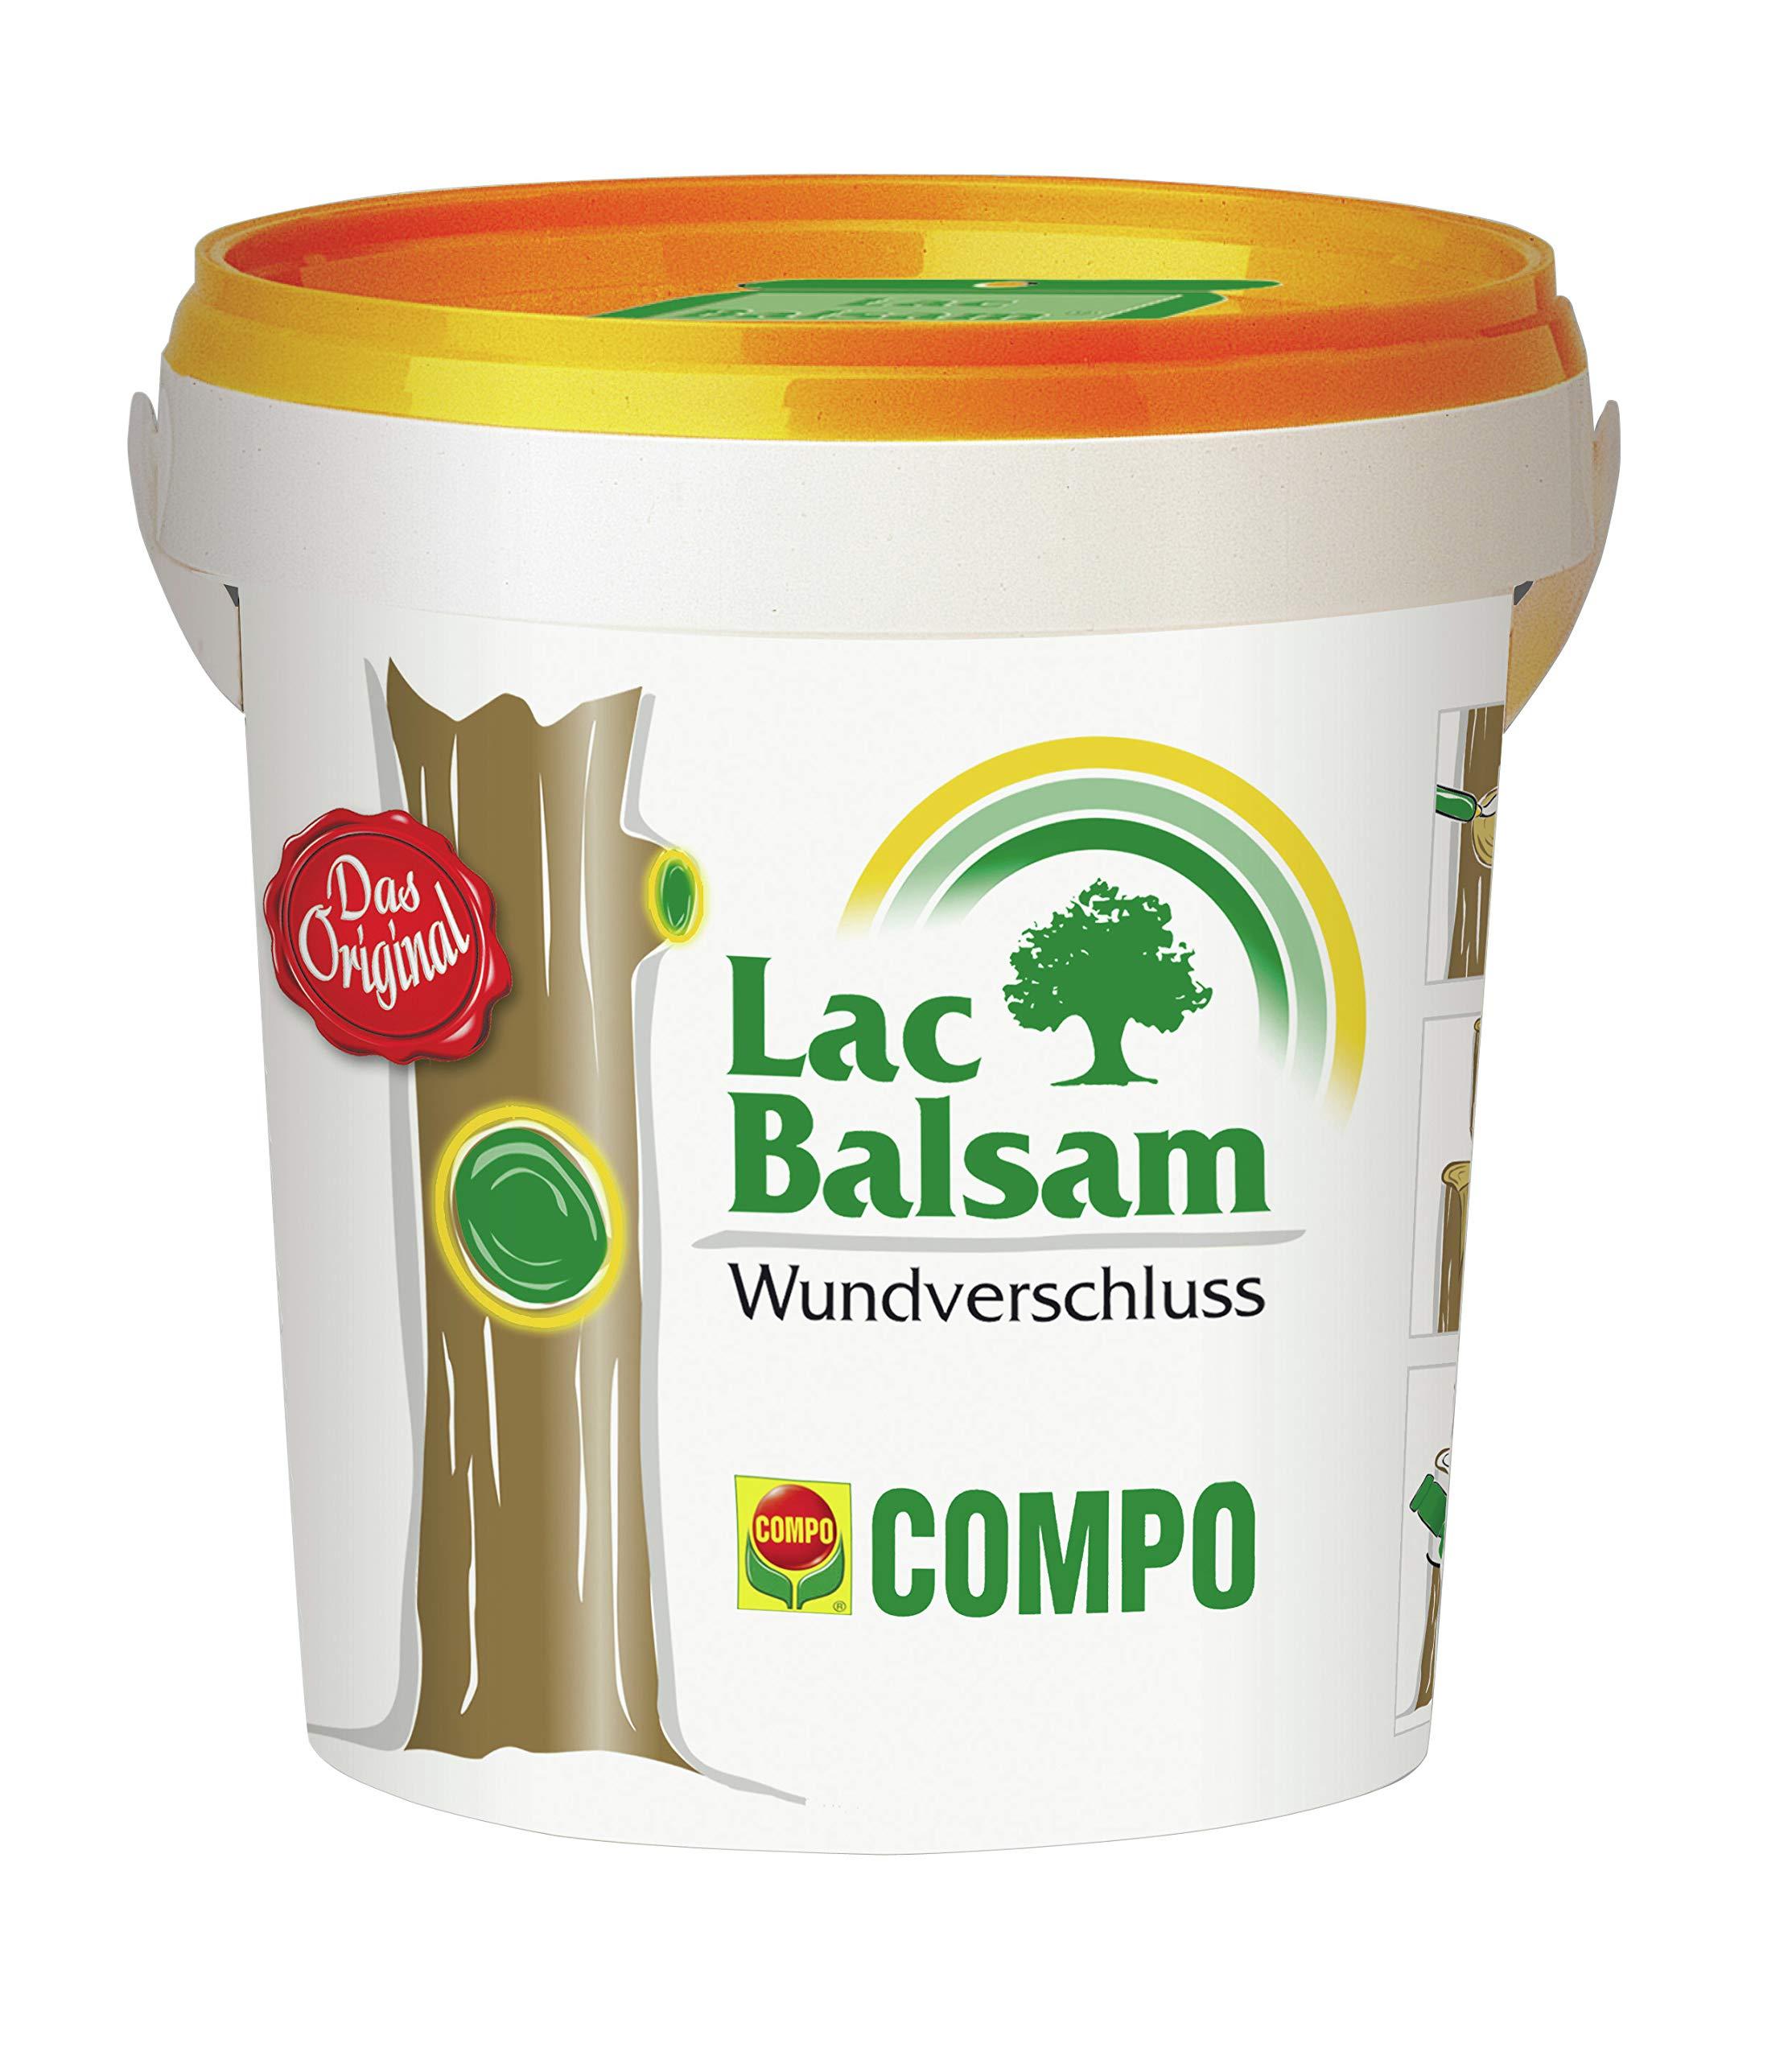 COMPO Lac Balsam, Wundverschlussmittel zur Behandlung an Zier- und Obstgehölzen, 1 kg product image